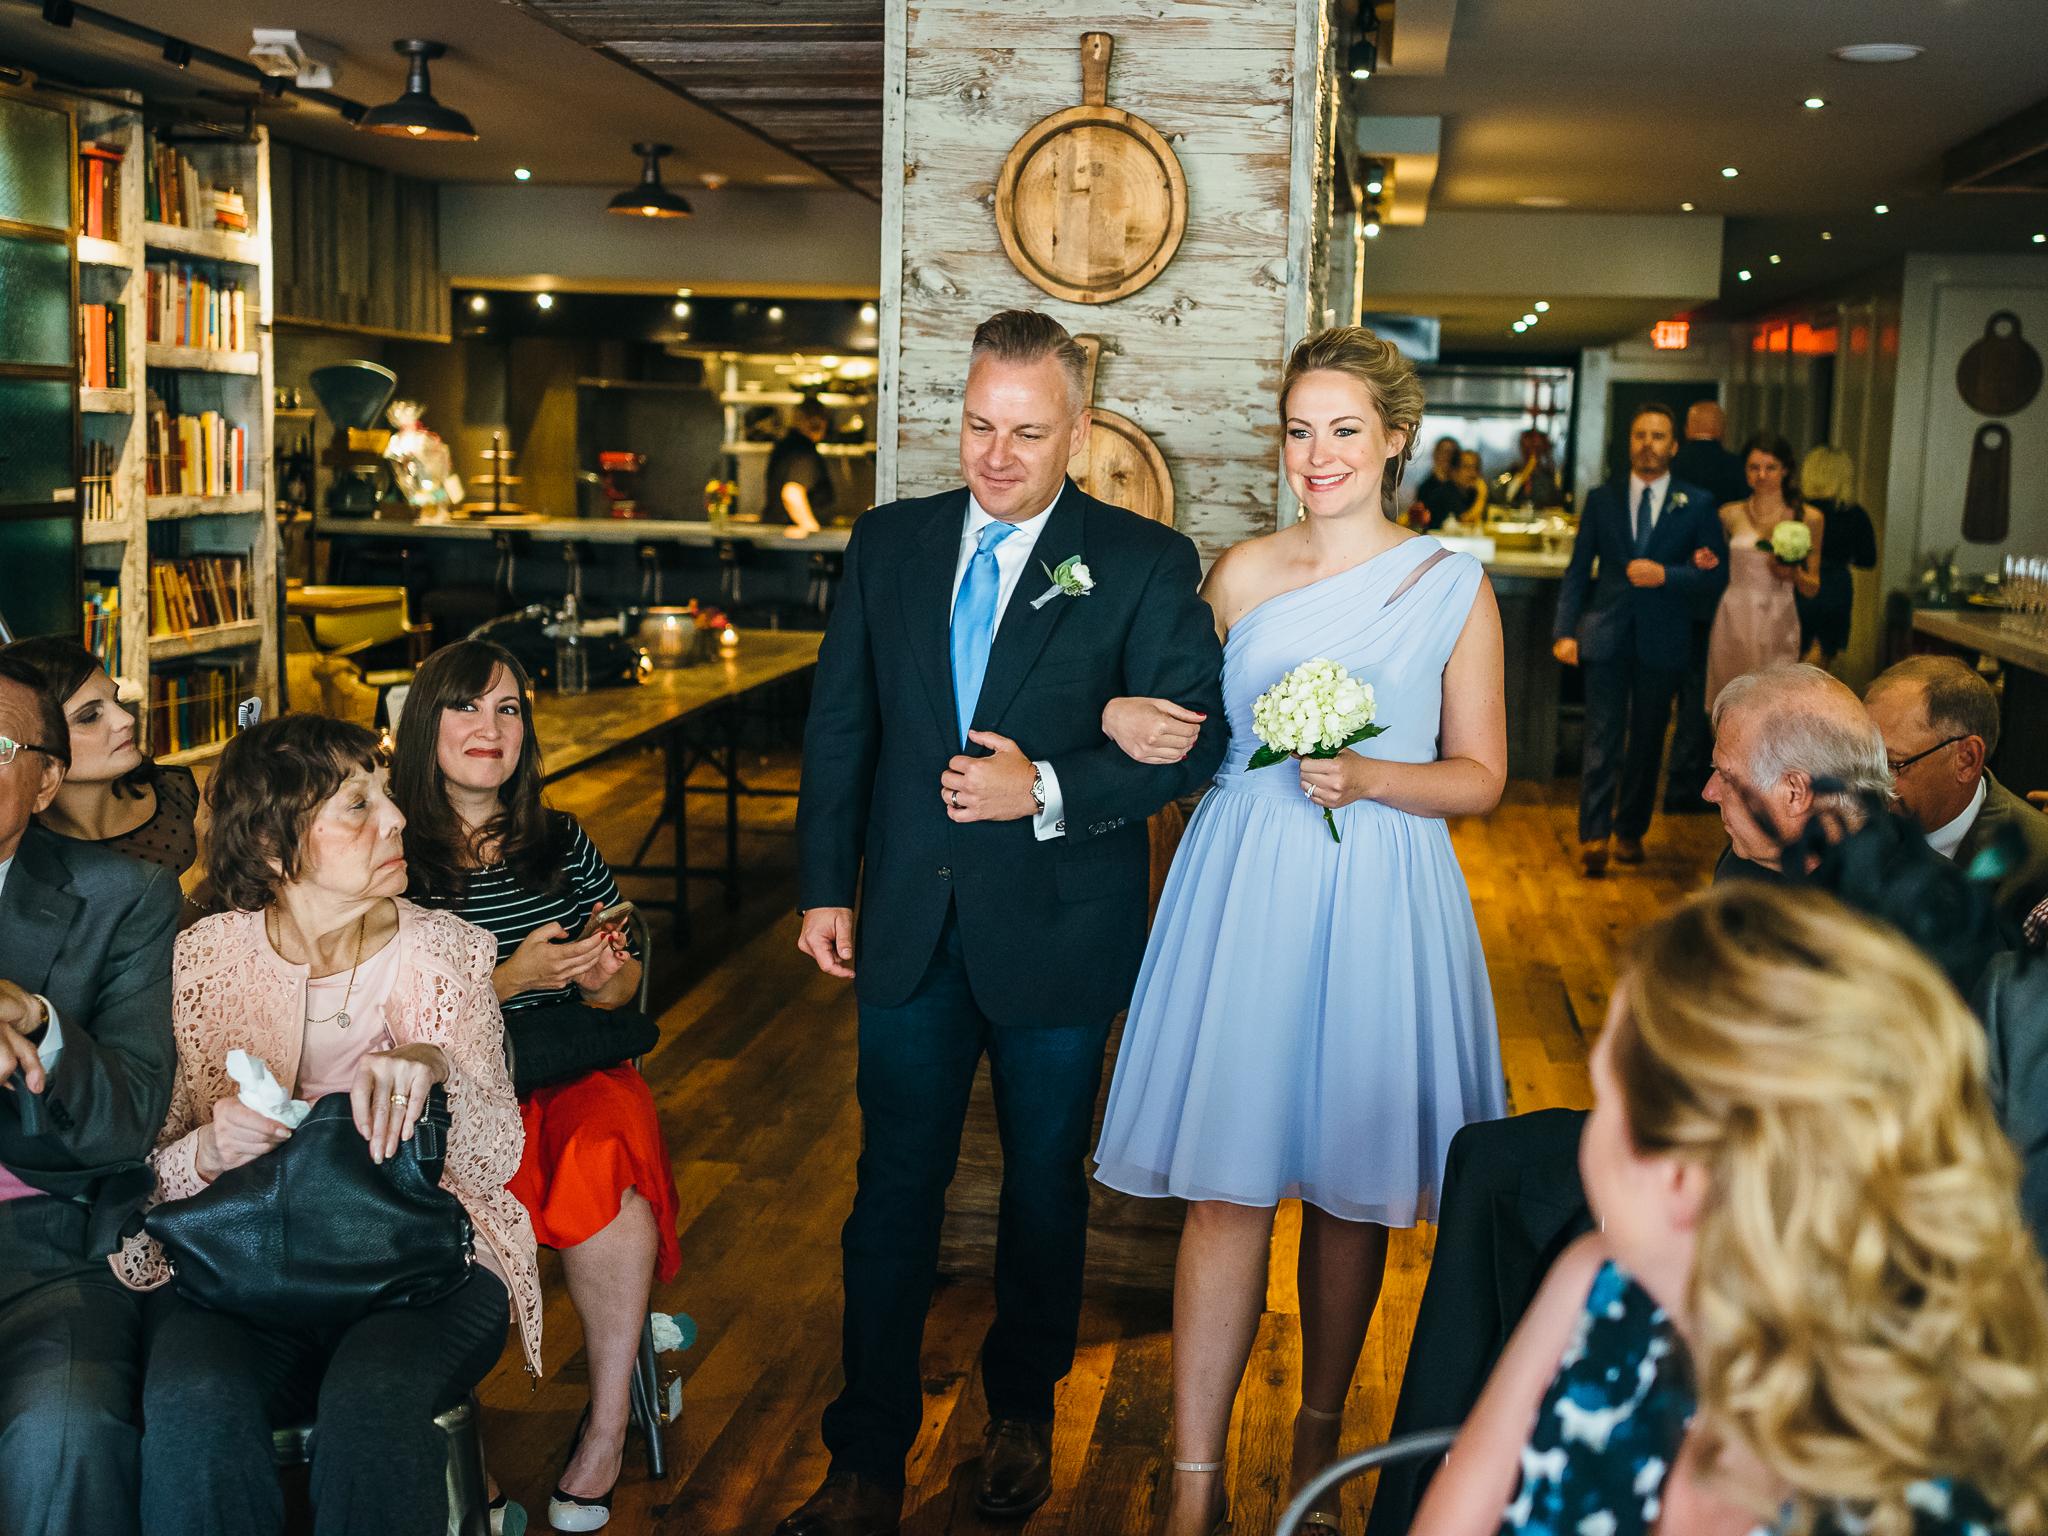 Barbuzzo_wedding_nw-0020.jpg